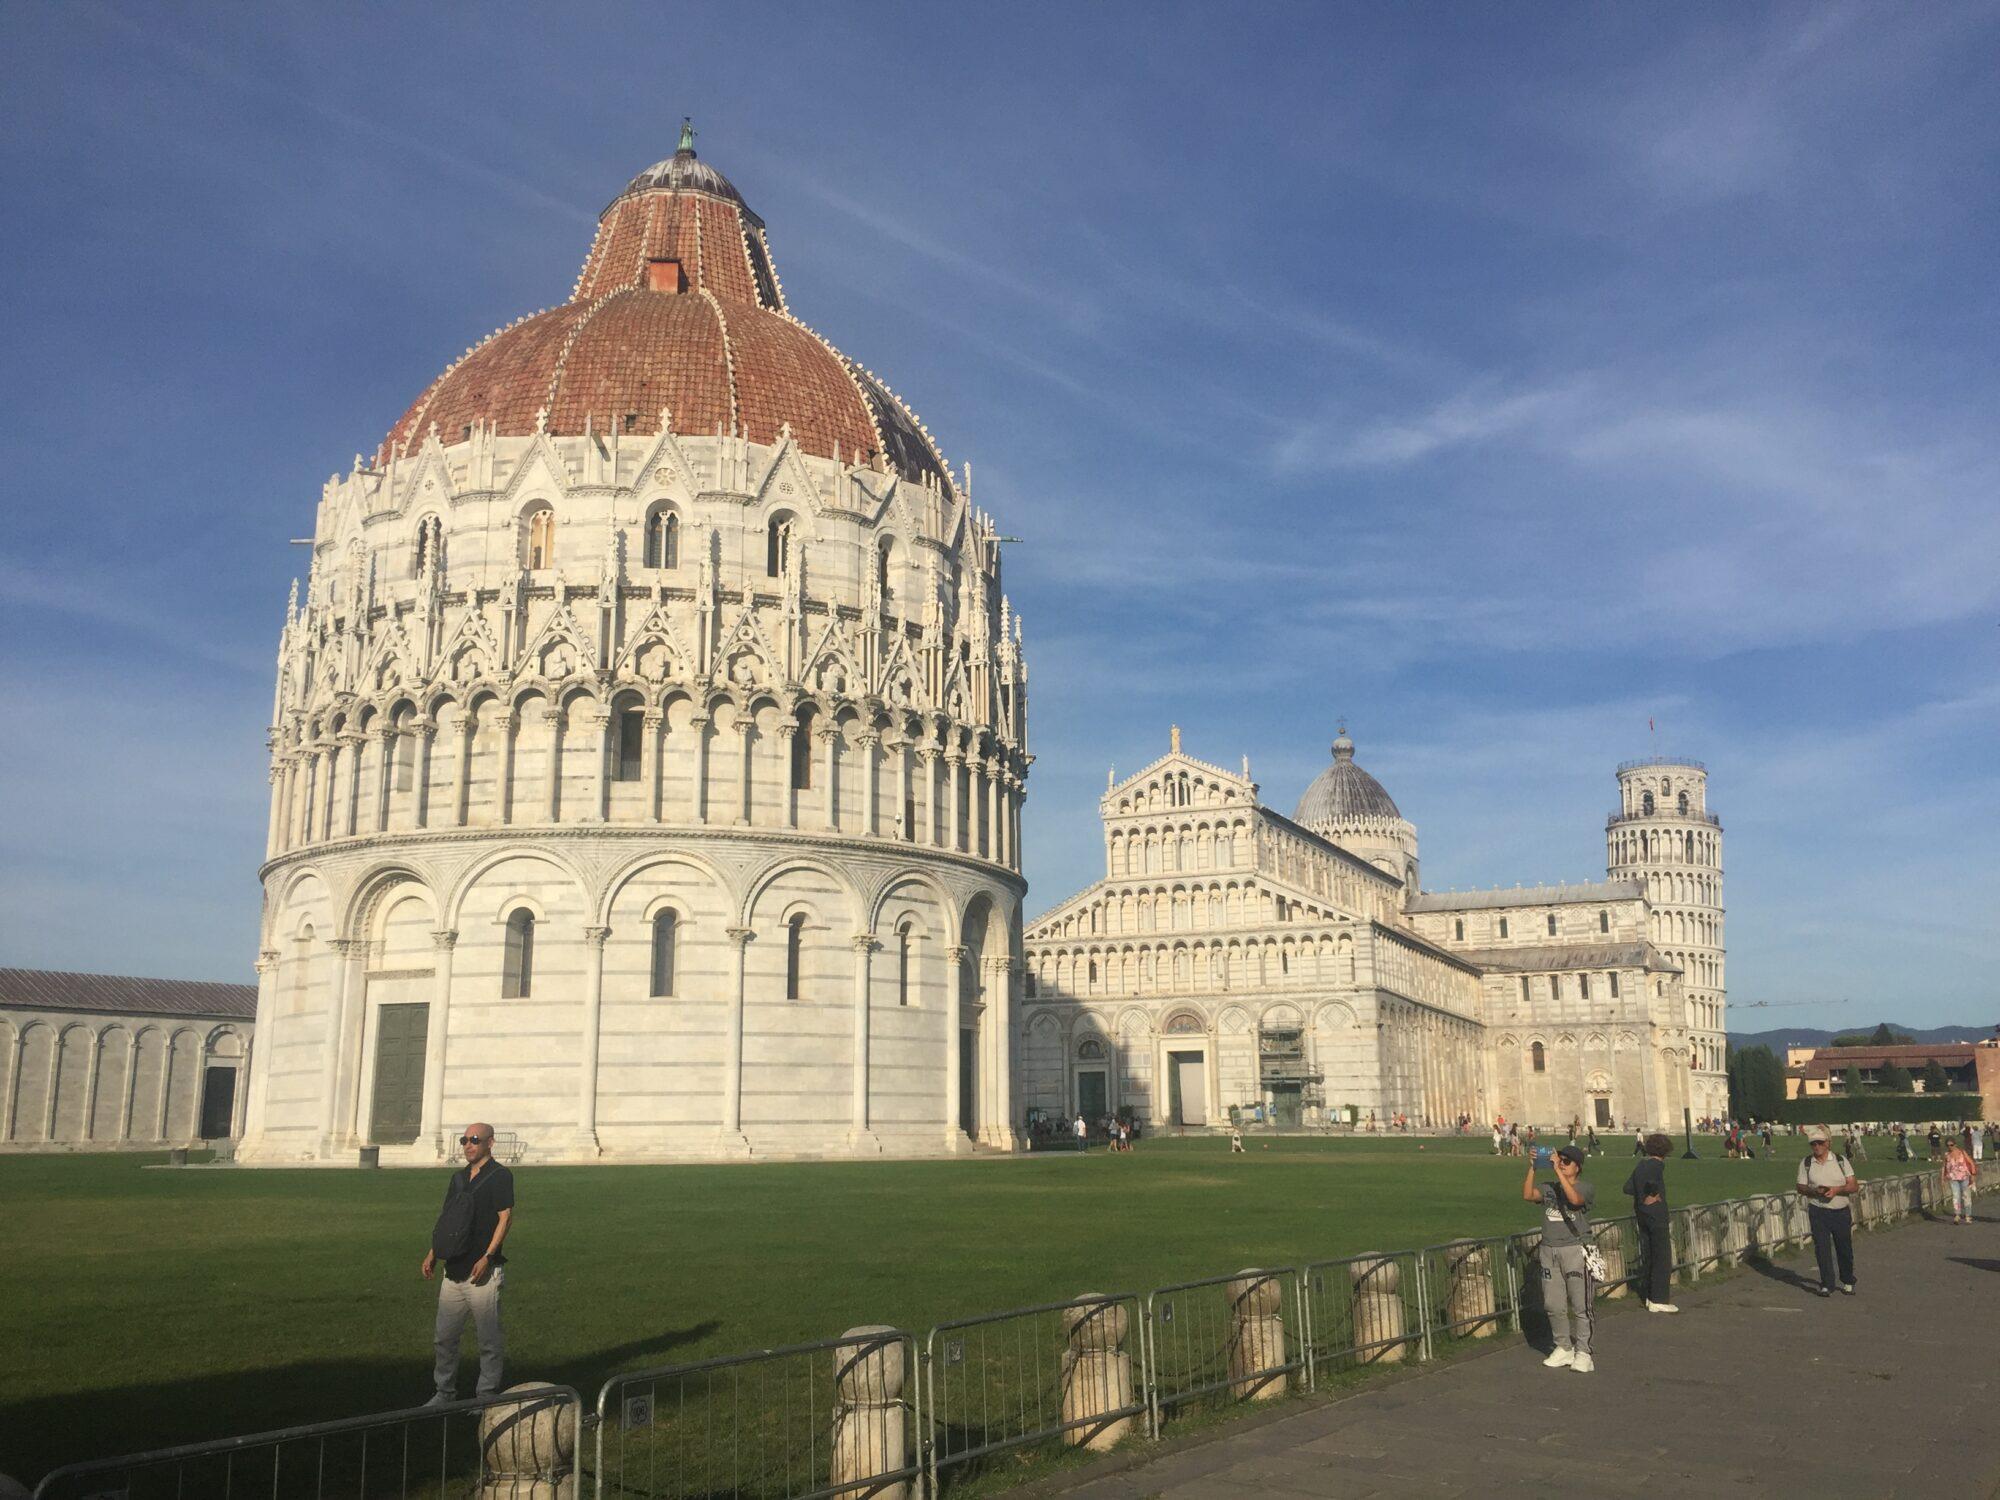 比薩大教堂及斜塔